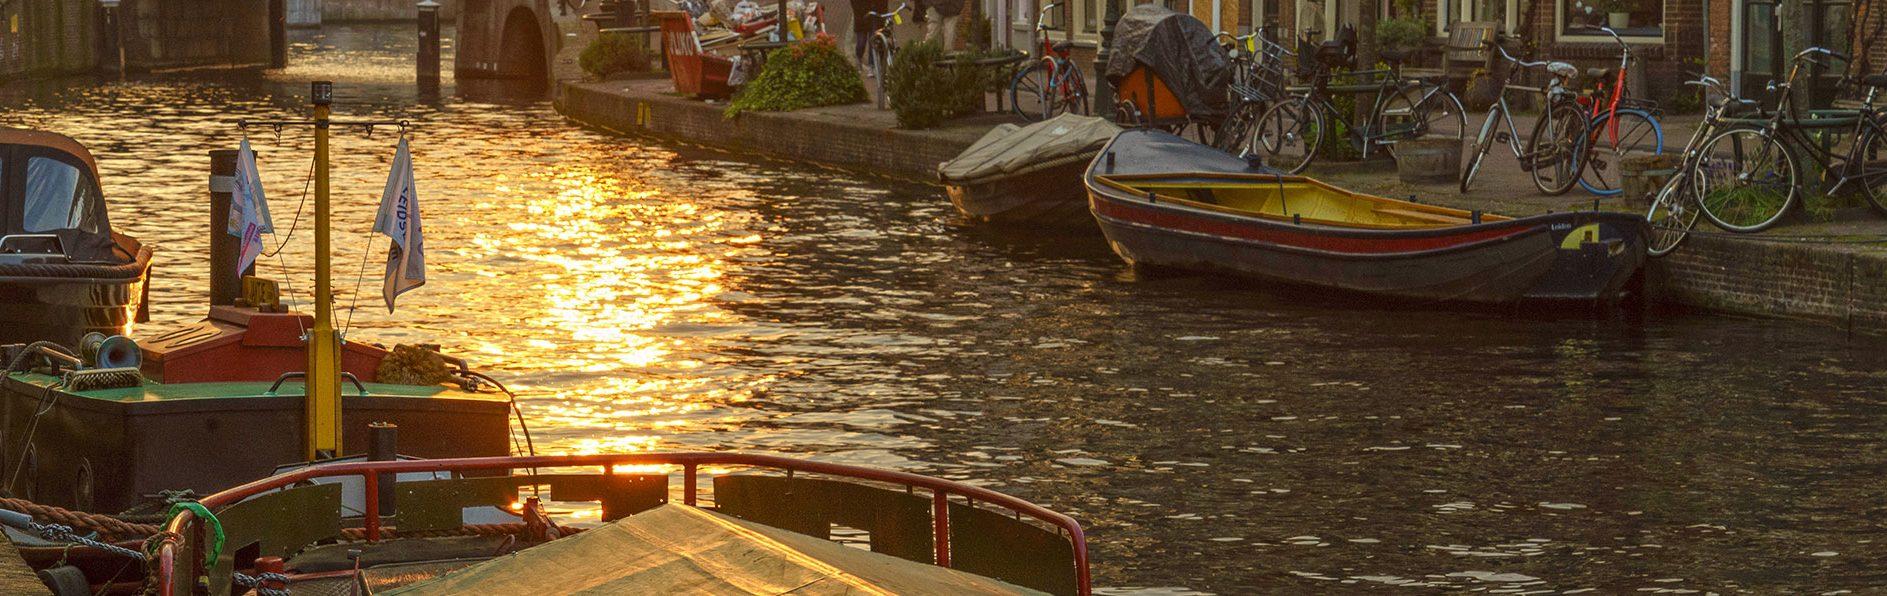 workshop & photo tour of Leiden